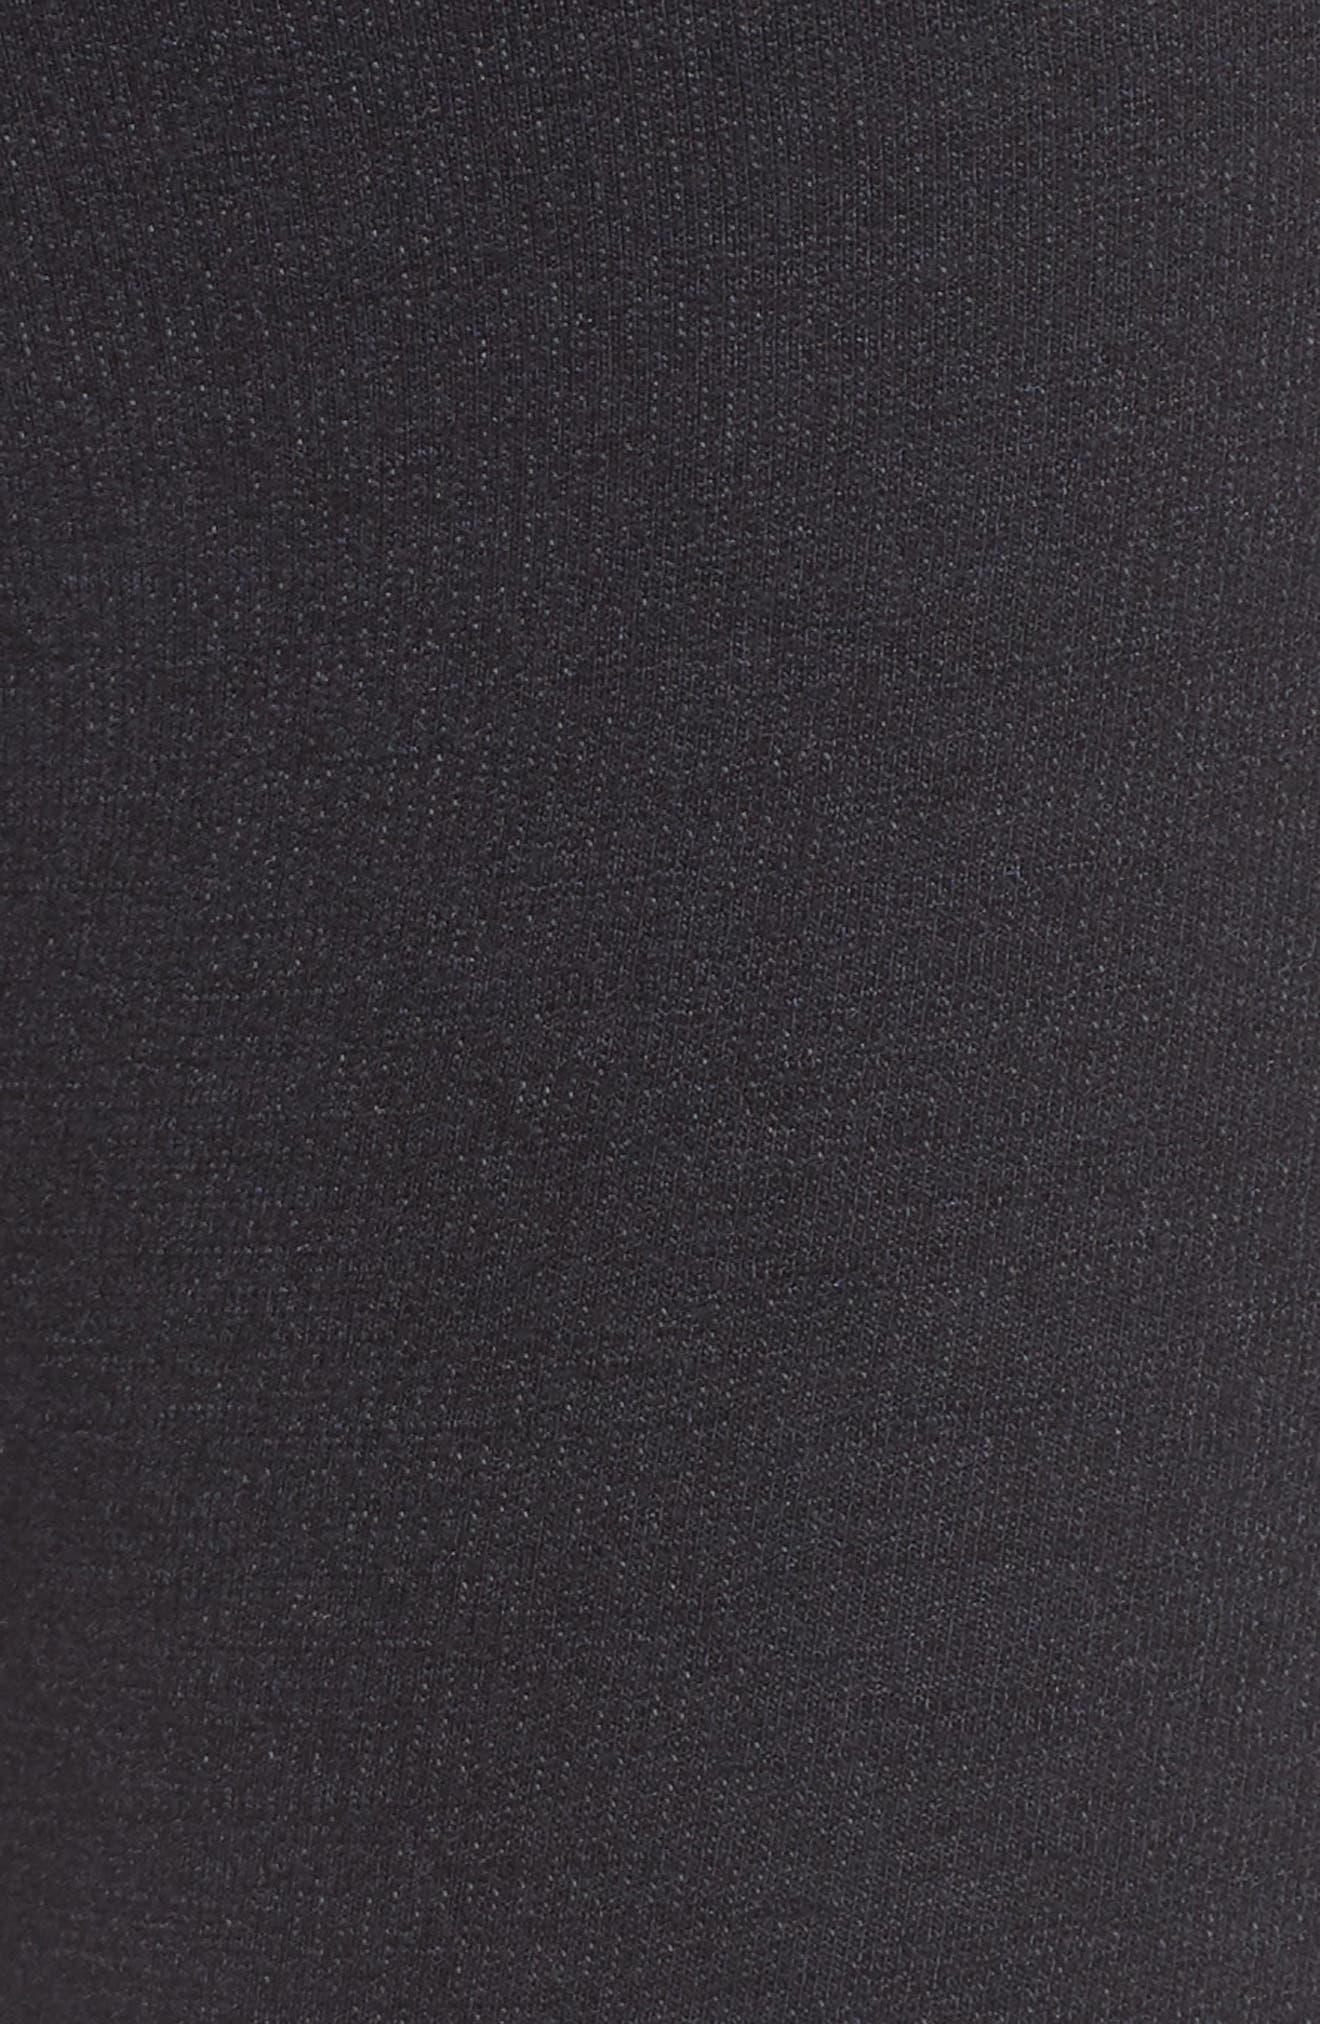 Stripe Yoga Pants,                             Alternate thumbnail 6, color,                             Old Black